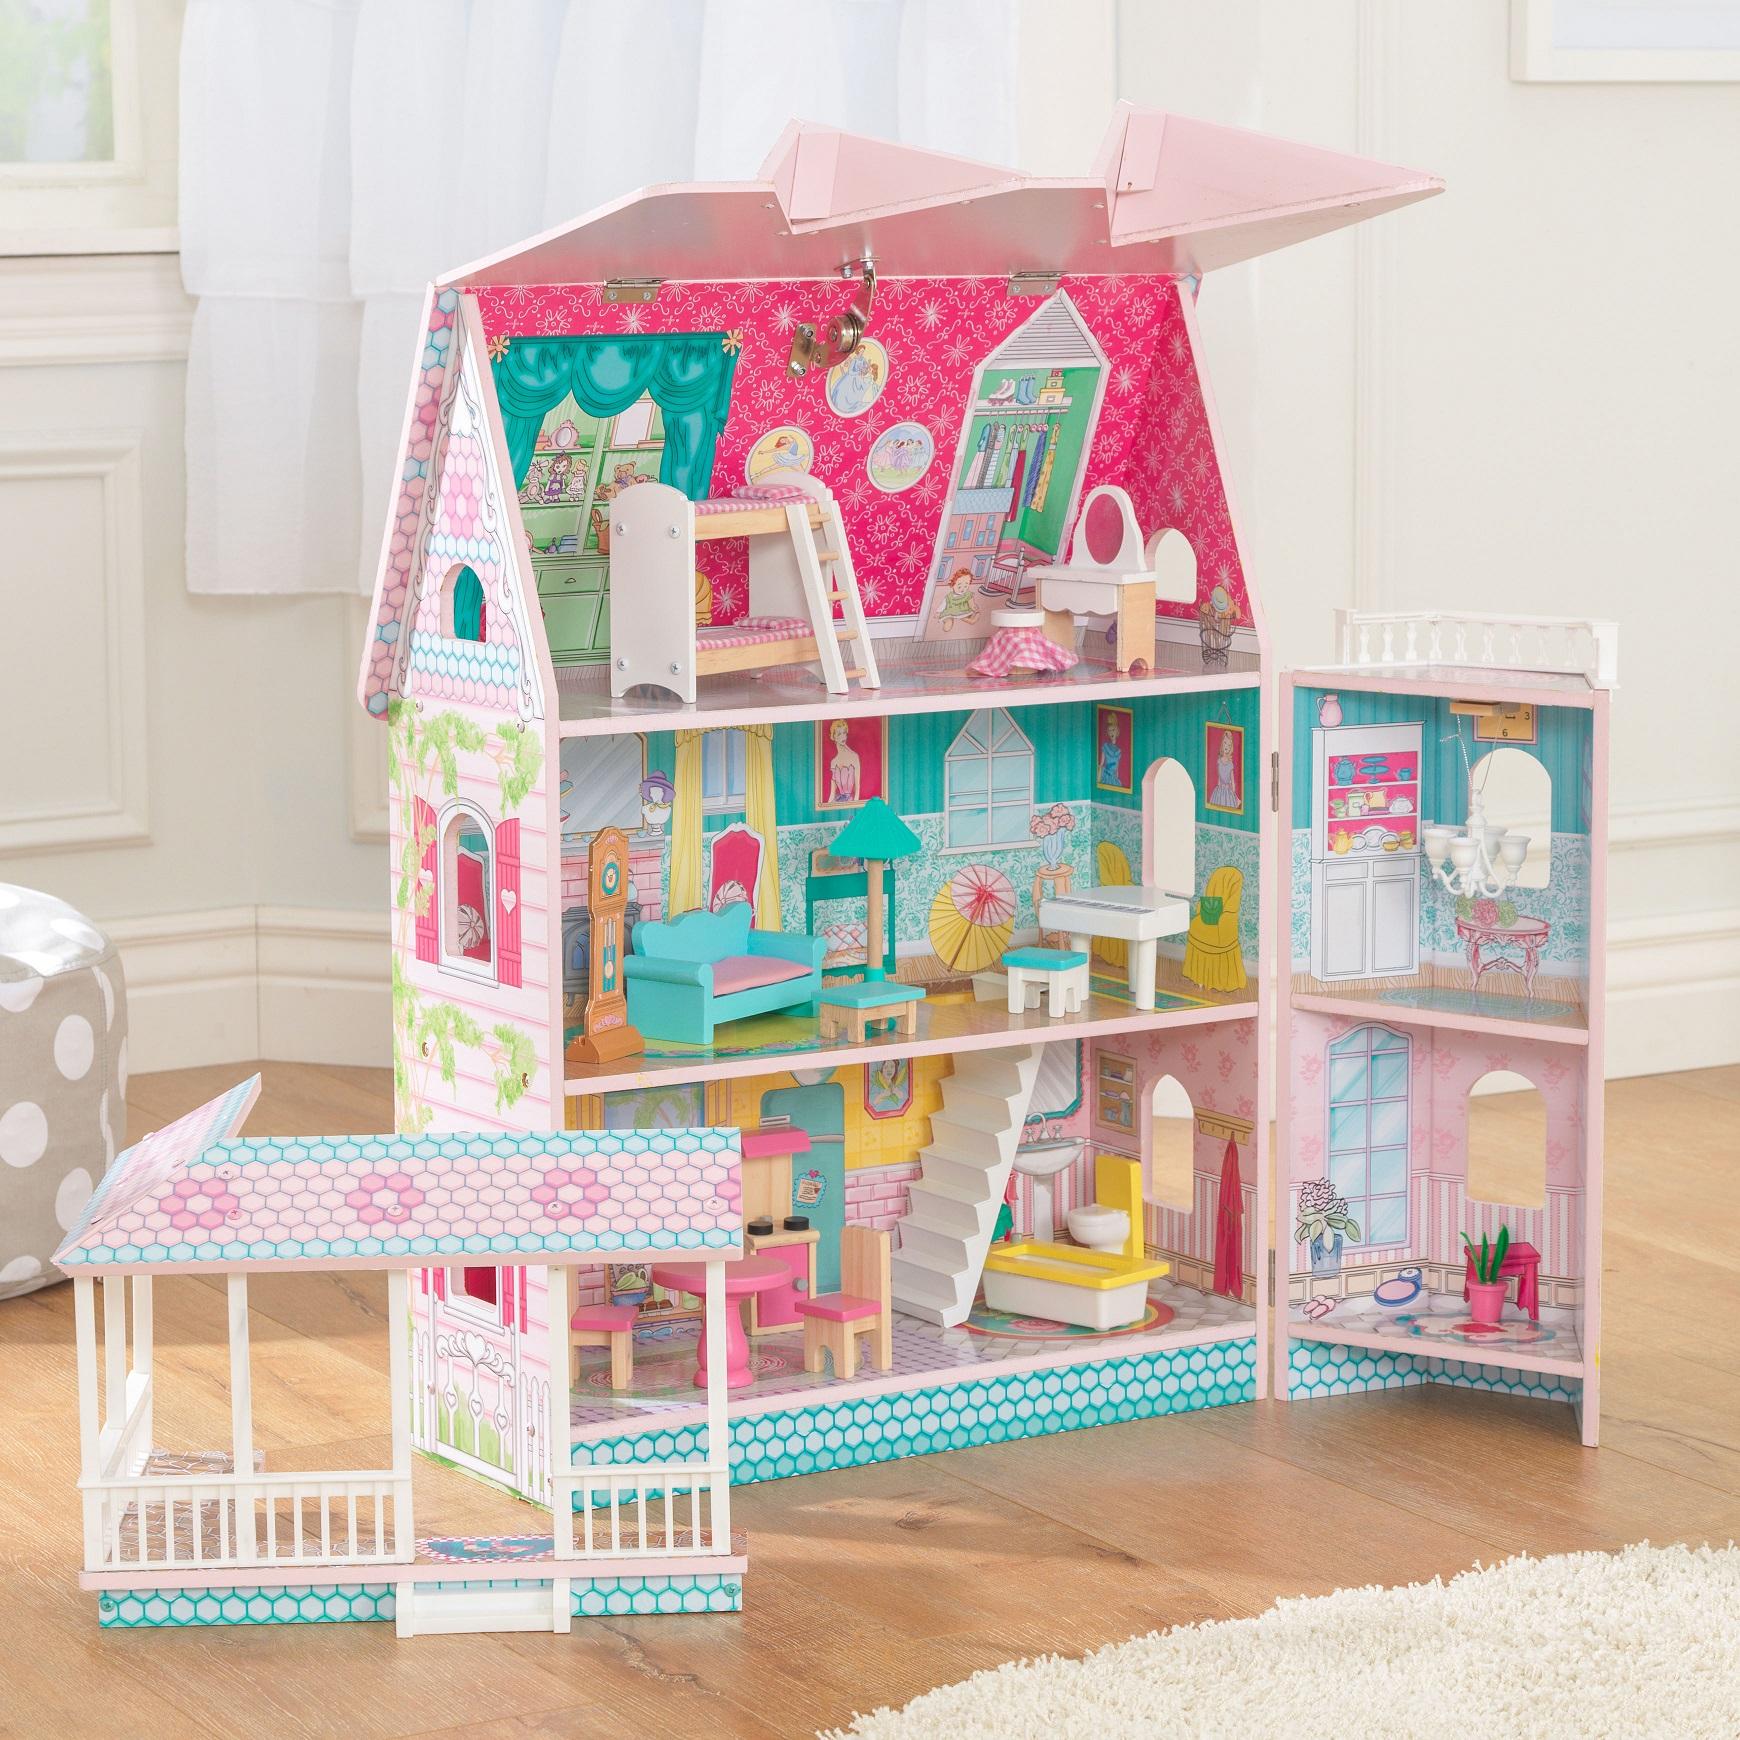 Imagen donde de pueden apreciar todas las estancias de la casa de muñecas kidkraft abbey manor 65941 width=